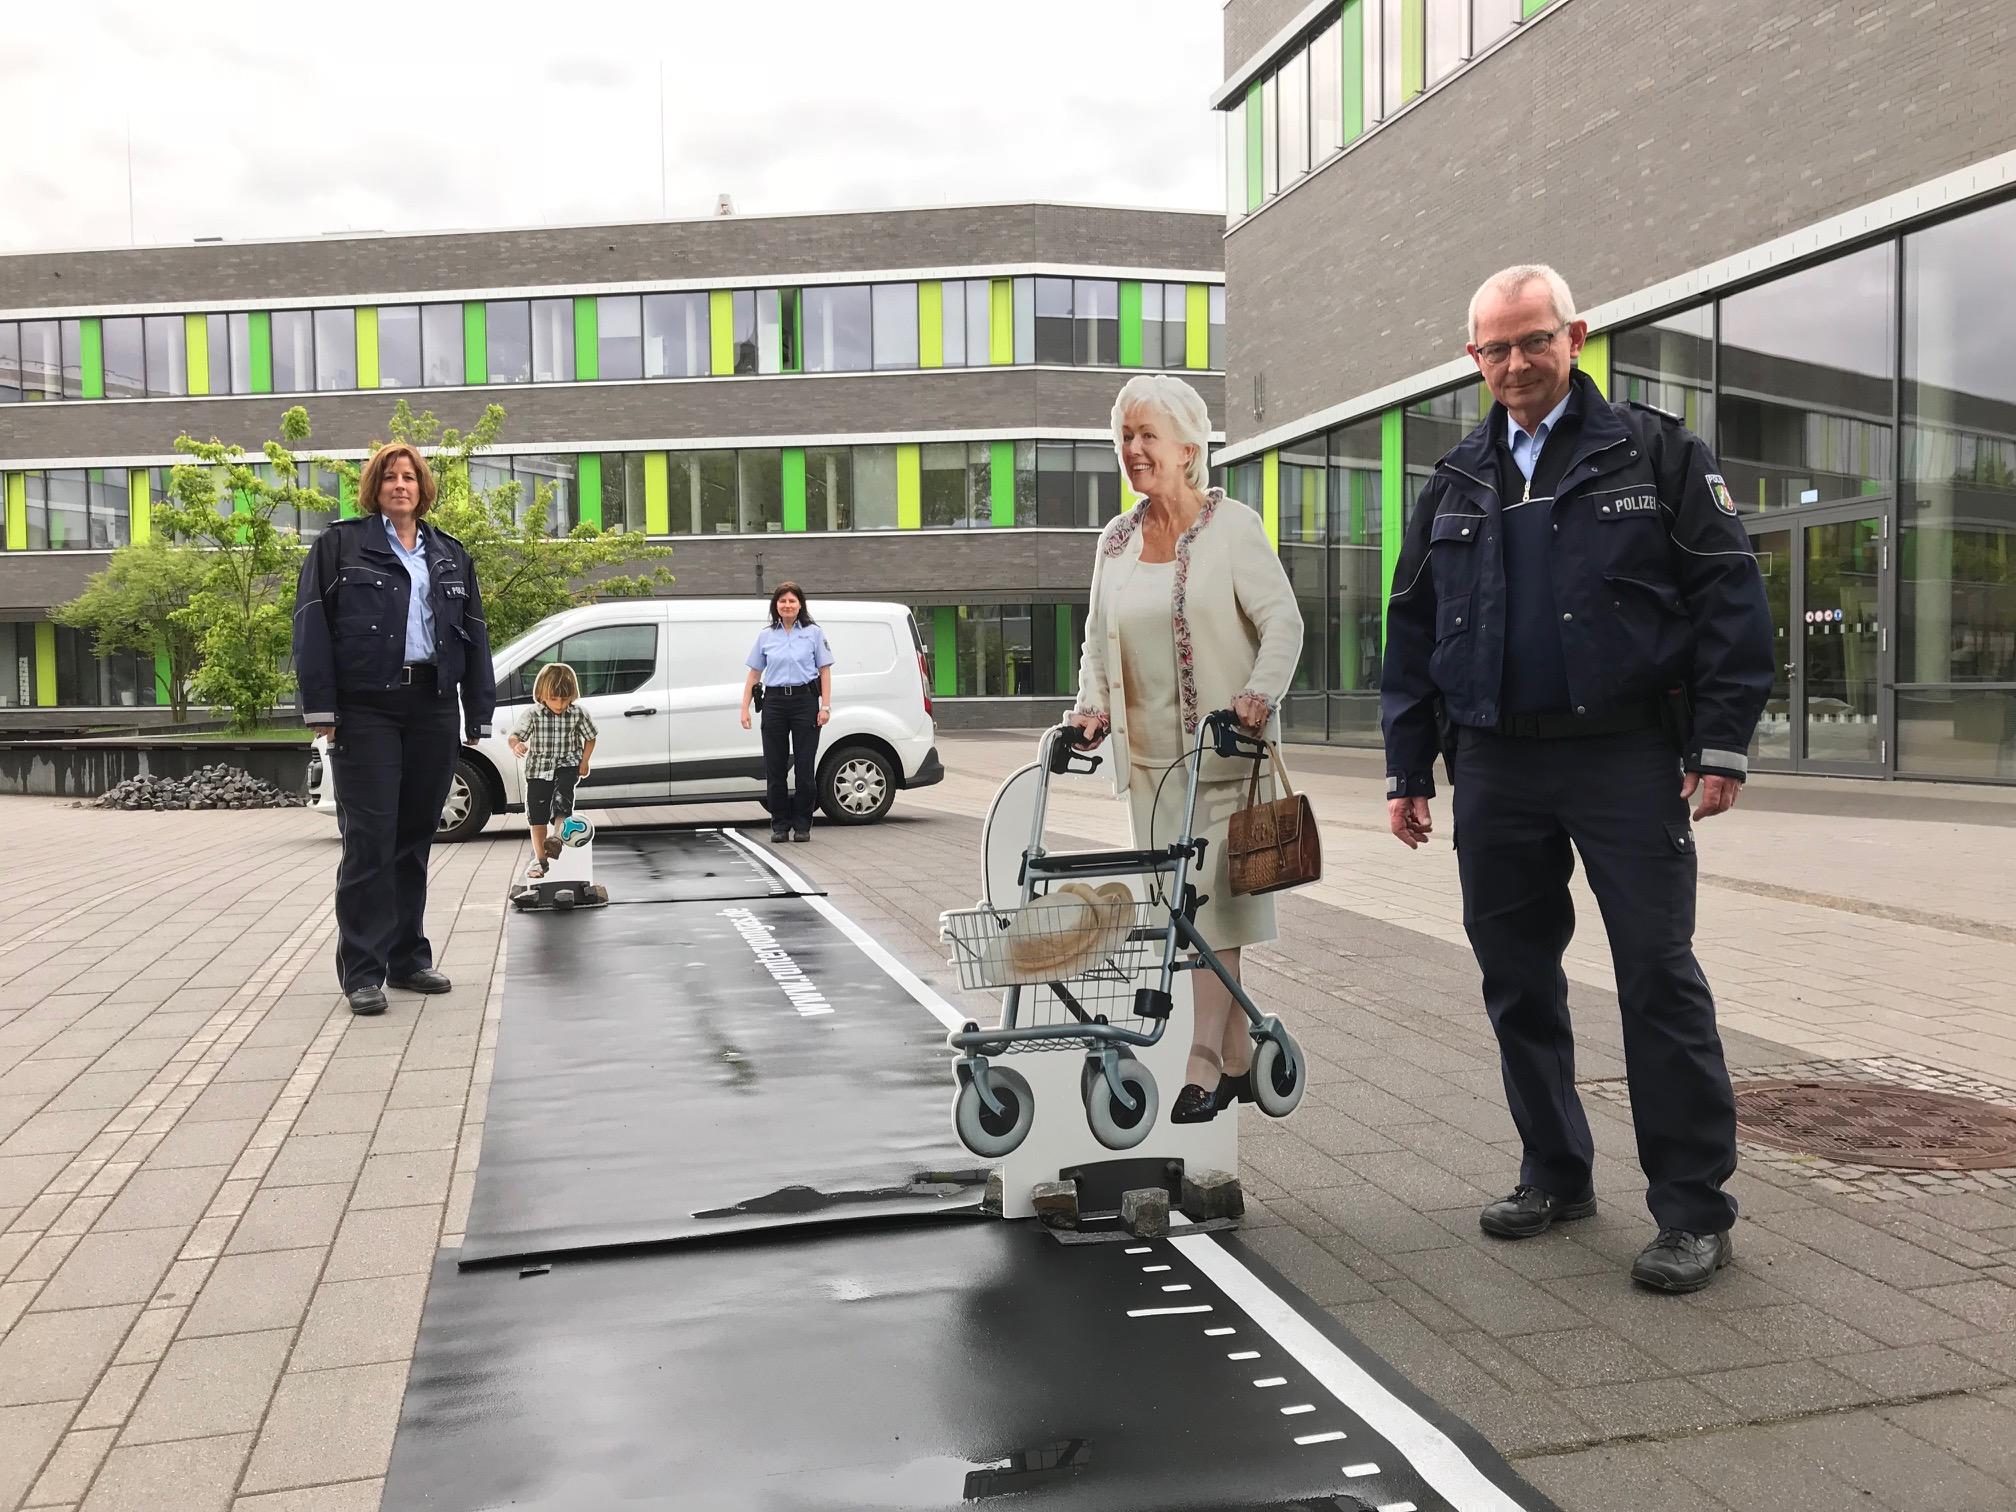 ▷ POL-WES: Kamp-Lintfort - Polizei informiert an der Hochschule ...